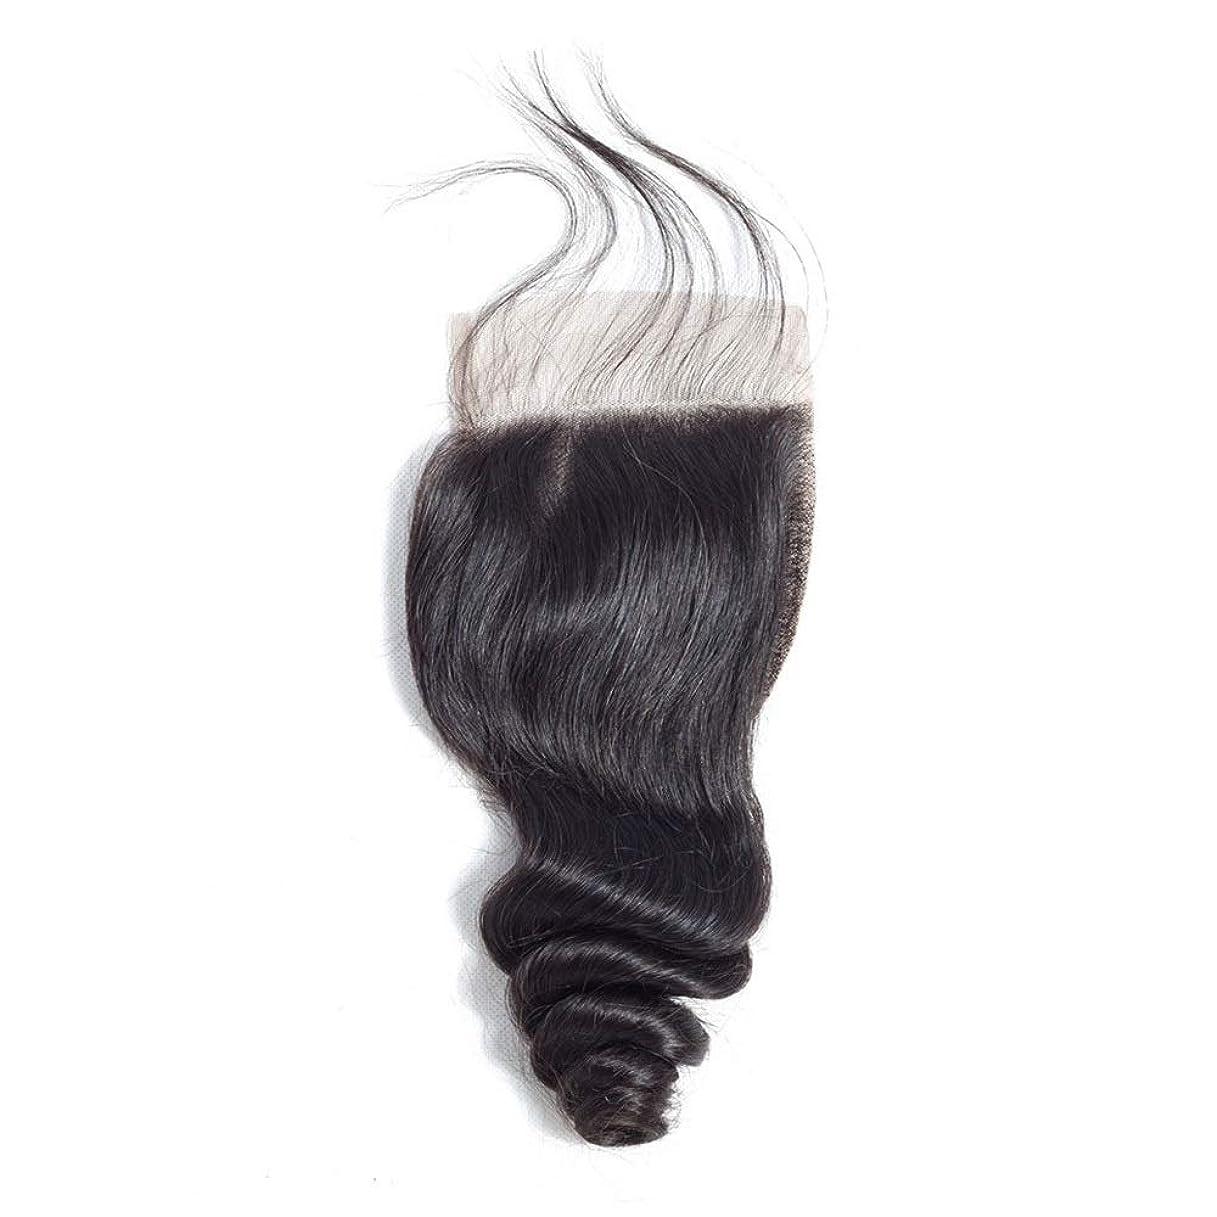 する必要がある内側毎年YESONEEP レースの閉鎖ブラジルの緩い波の髪4×4インチの自由な部分の閉鎖リアル人間の髪の毛の自然な色の長い巻き毛のかつら (色 : 黒, サイズ : 20 inch)